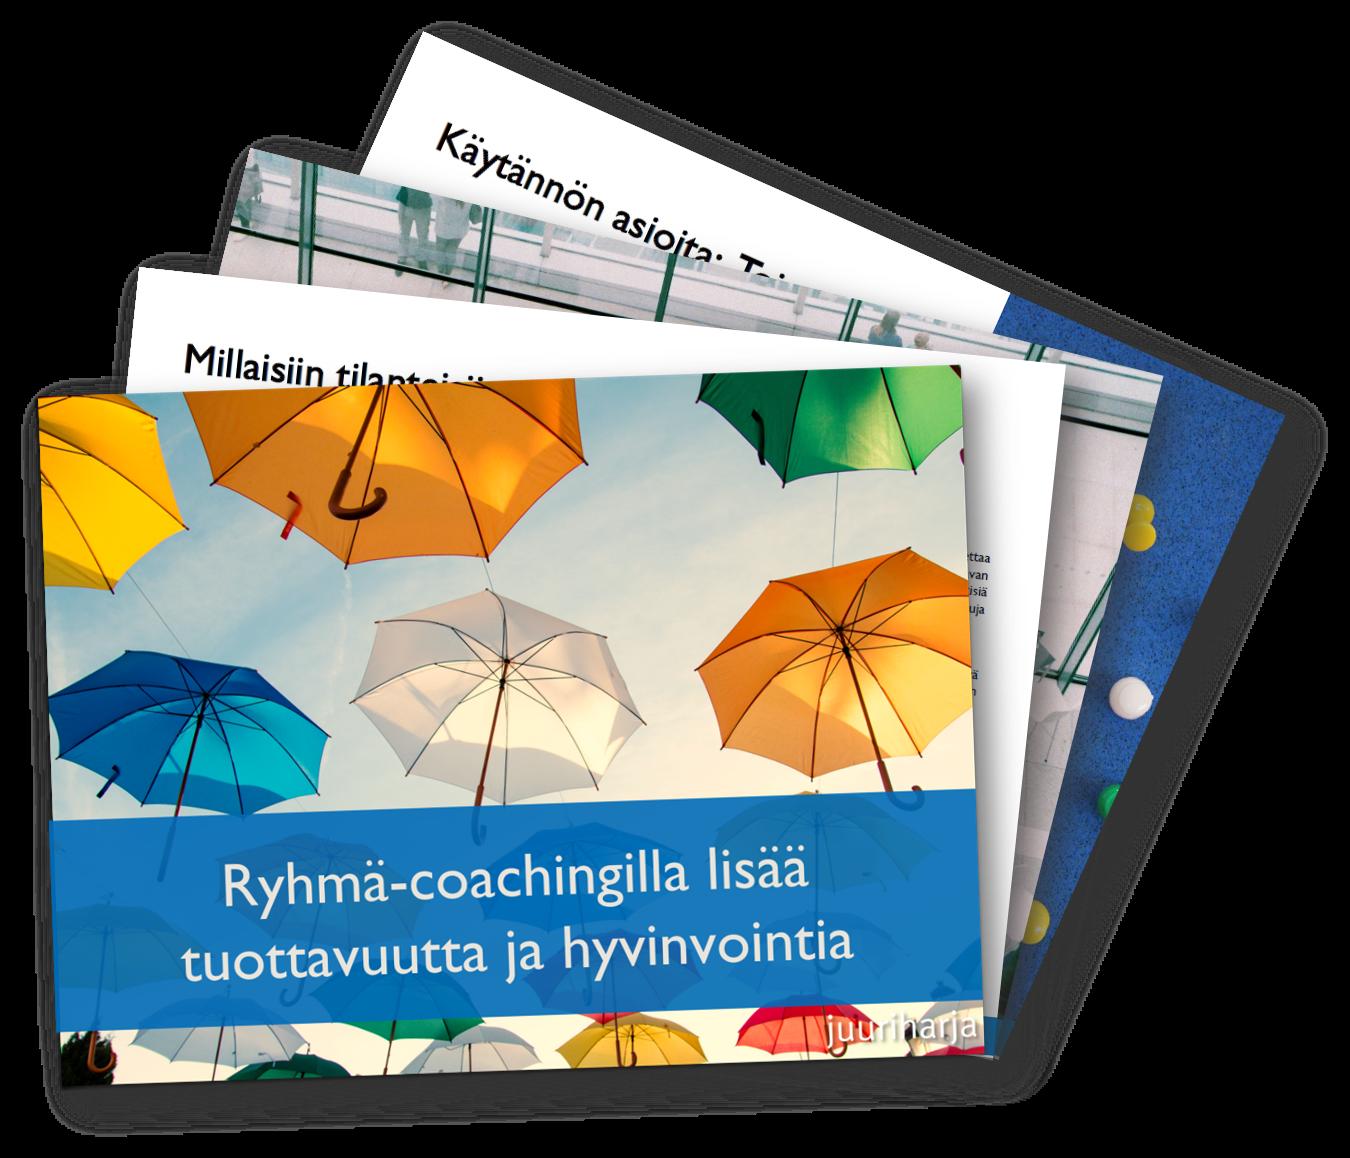 Ryhmä -coaching tuottavuus ja hyvinvointi pikaopas